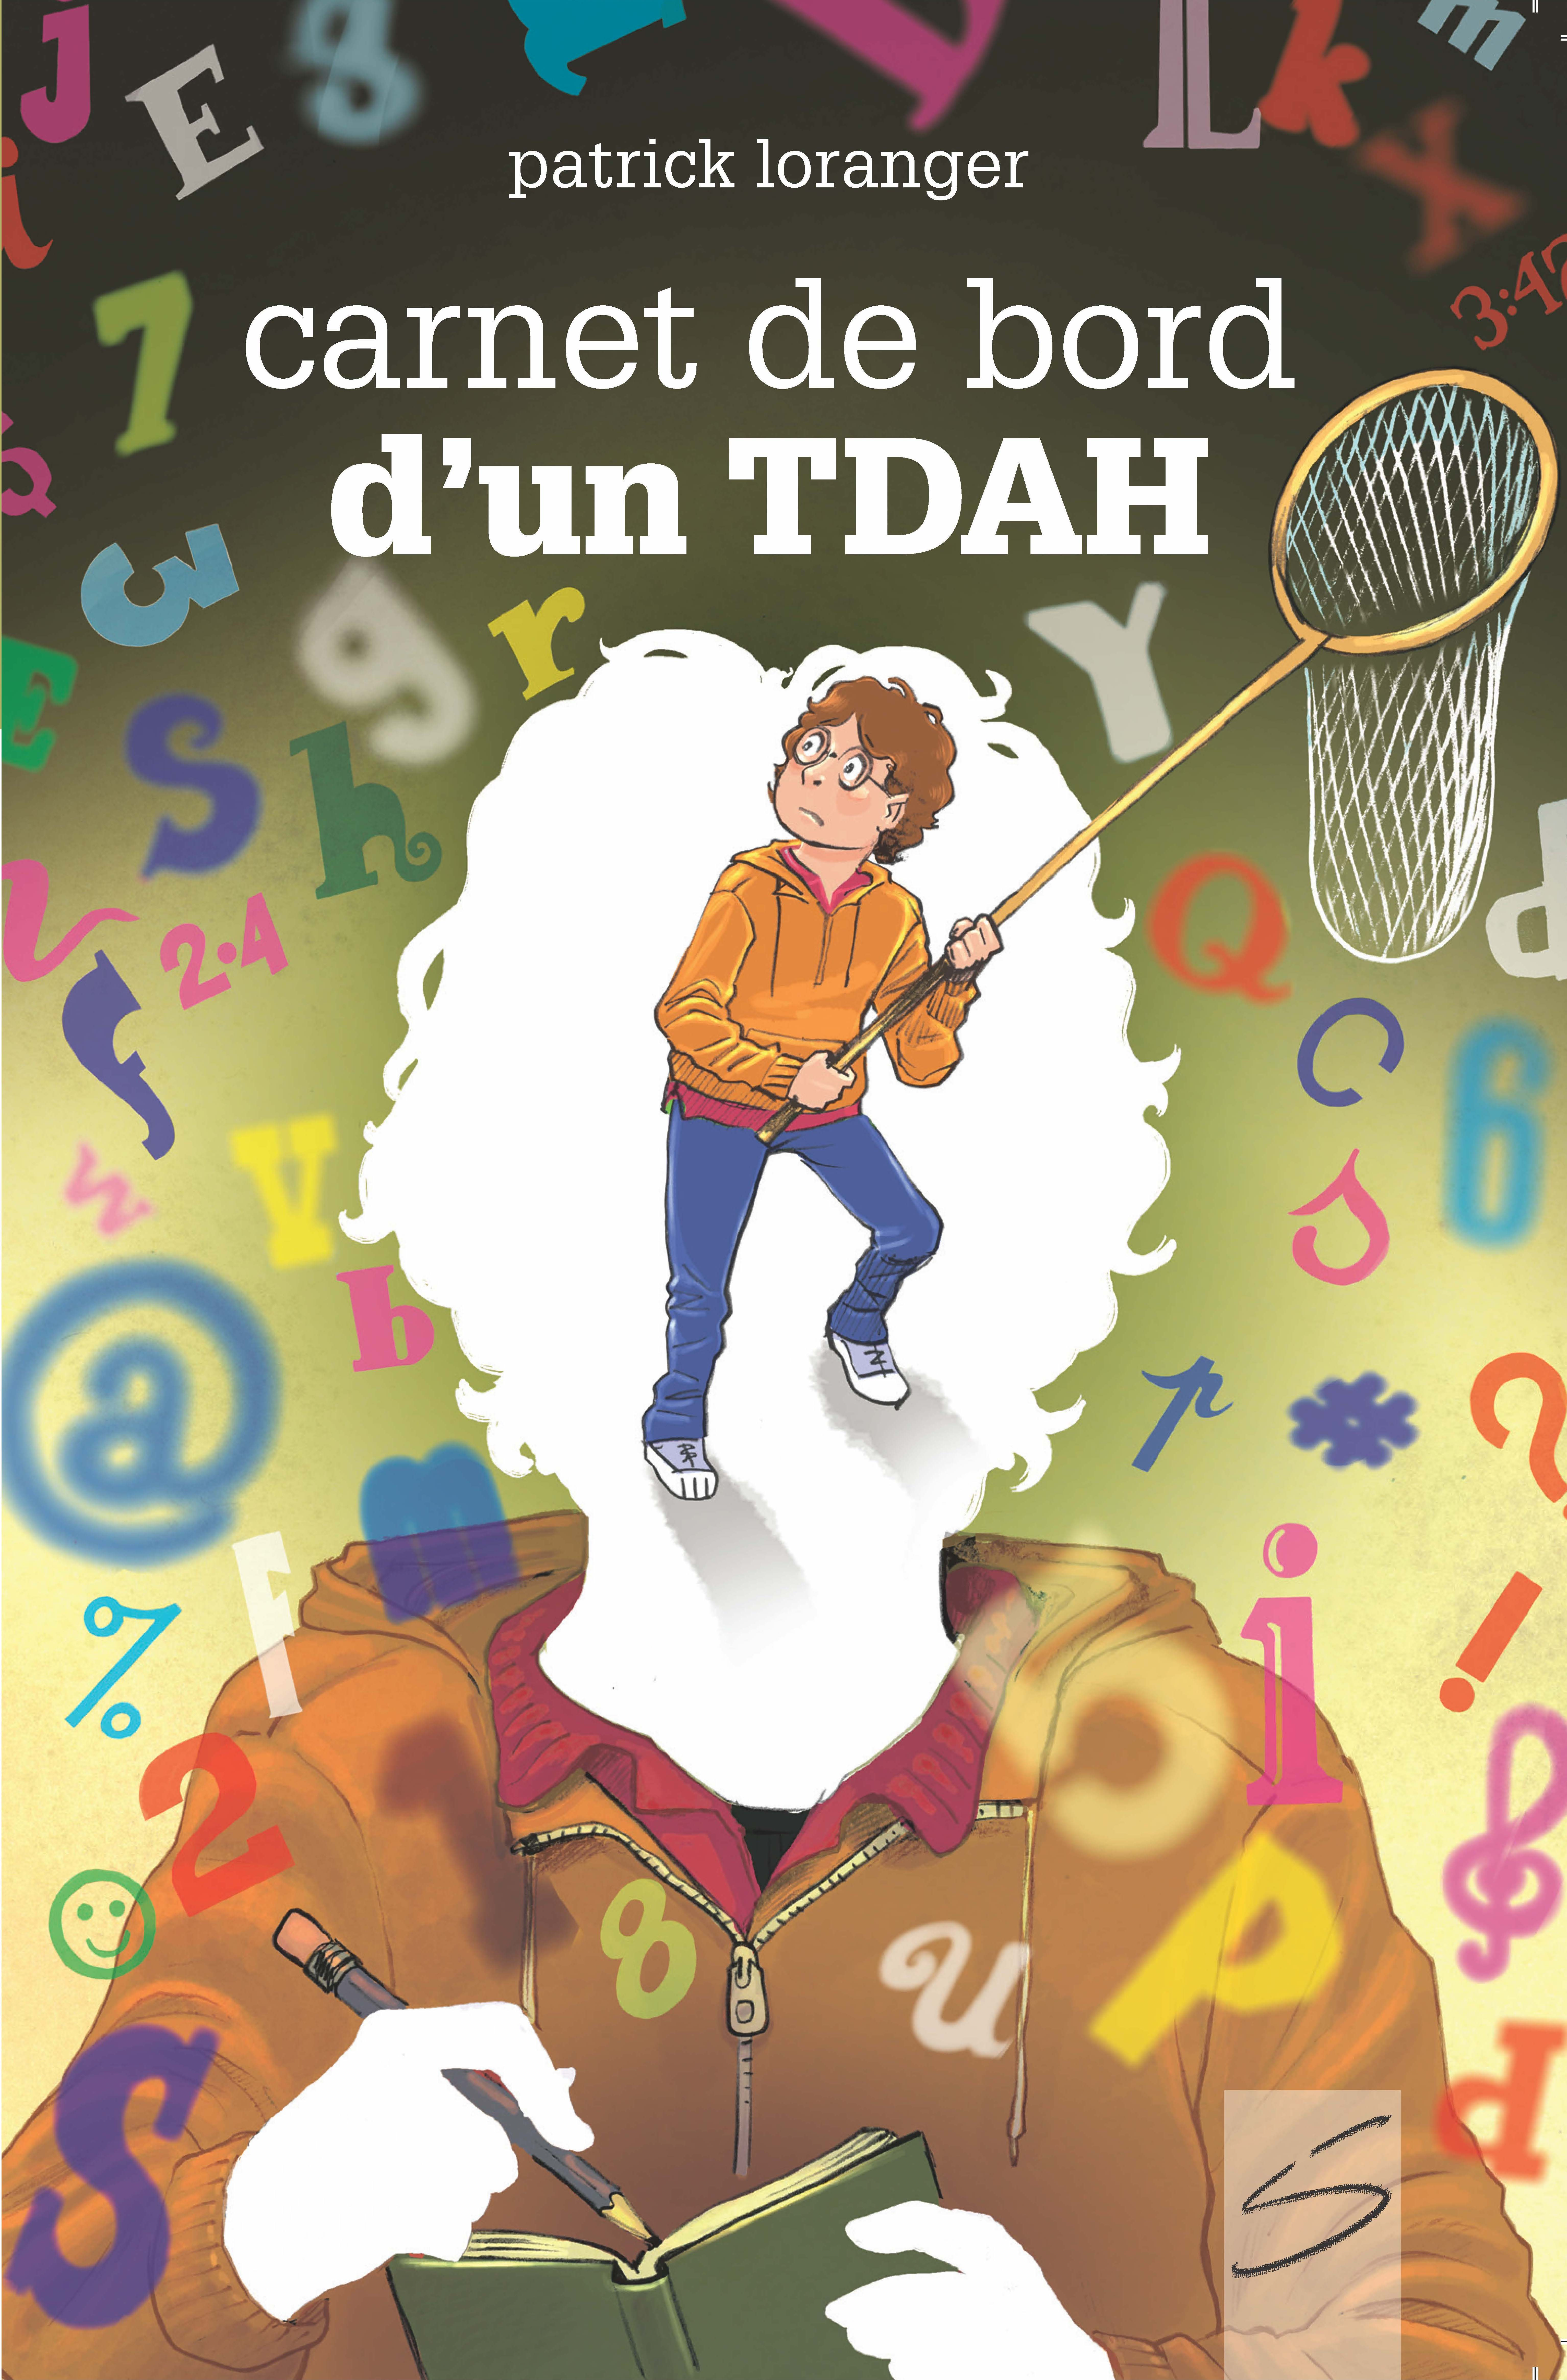 Carnet de bord d'un TDAH